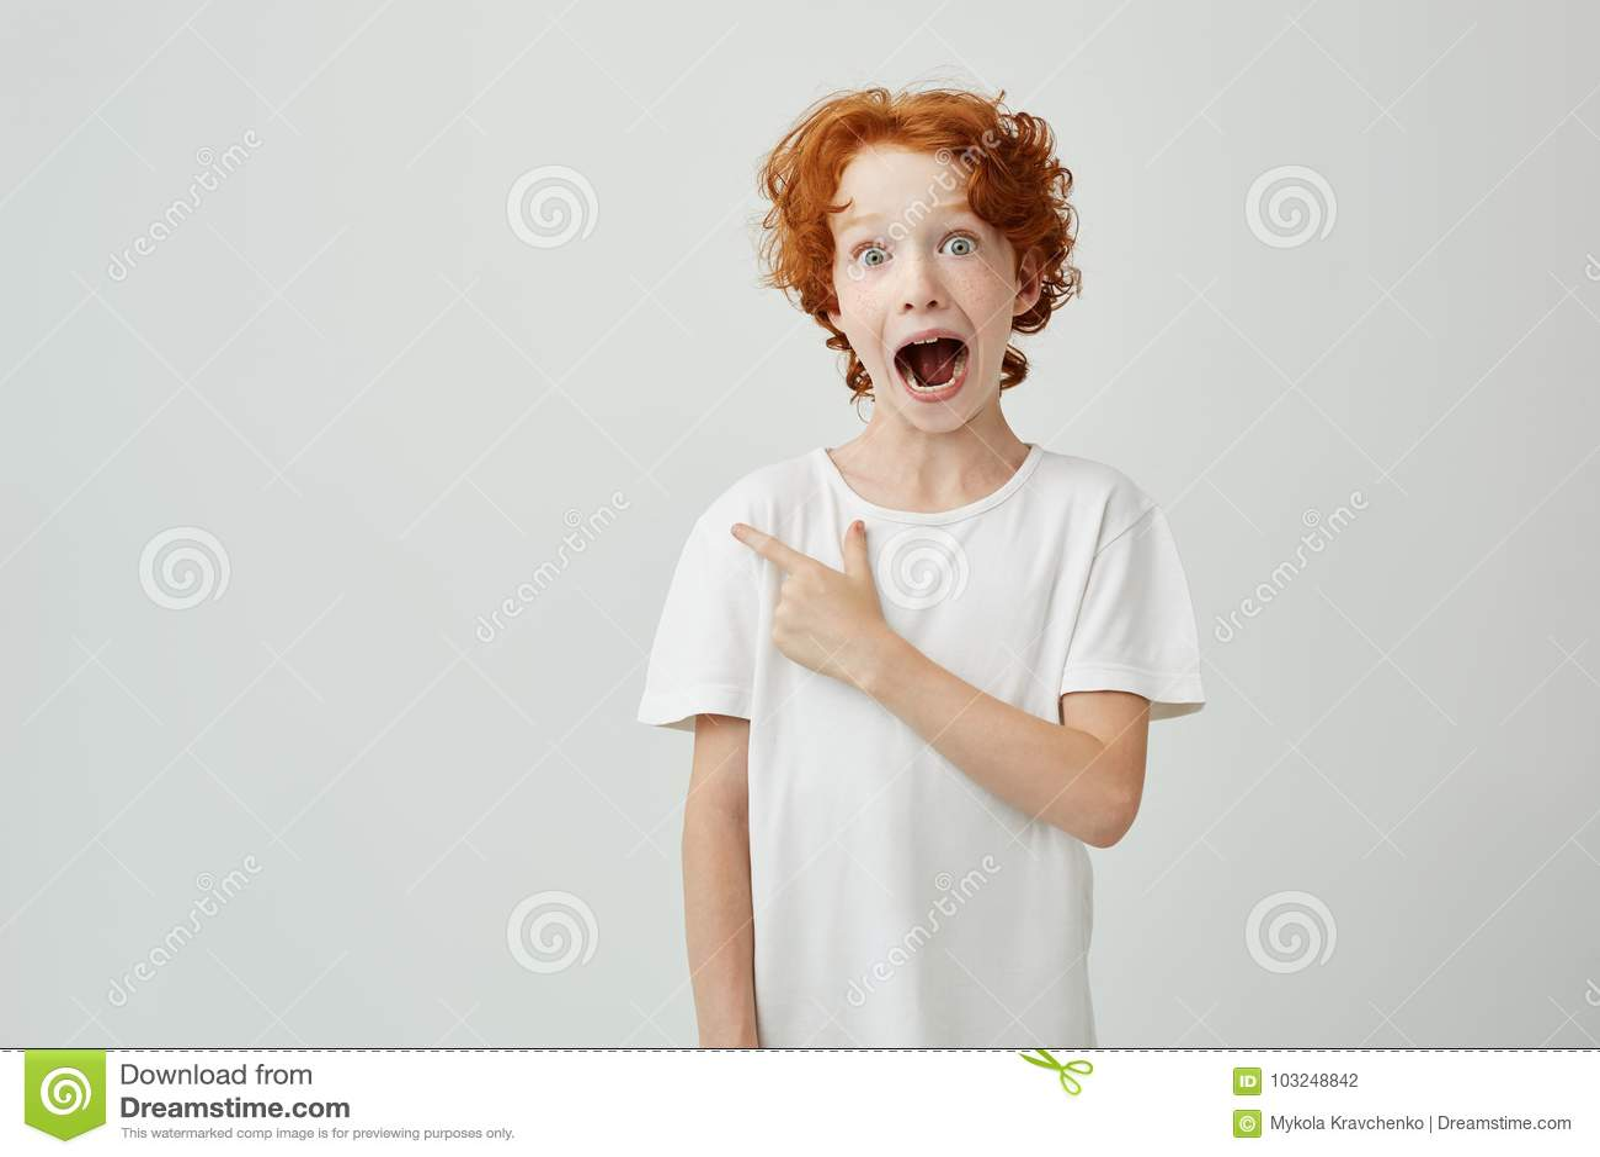 Portret die van blij gemberkind met sproeten die met geopende mond en gekke uitdrukking stellen, op vrije ruimte richten voor